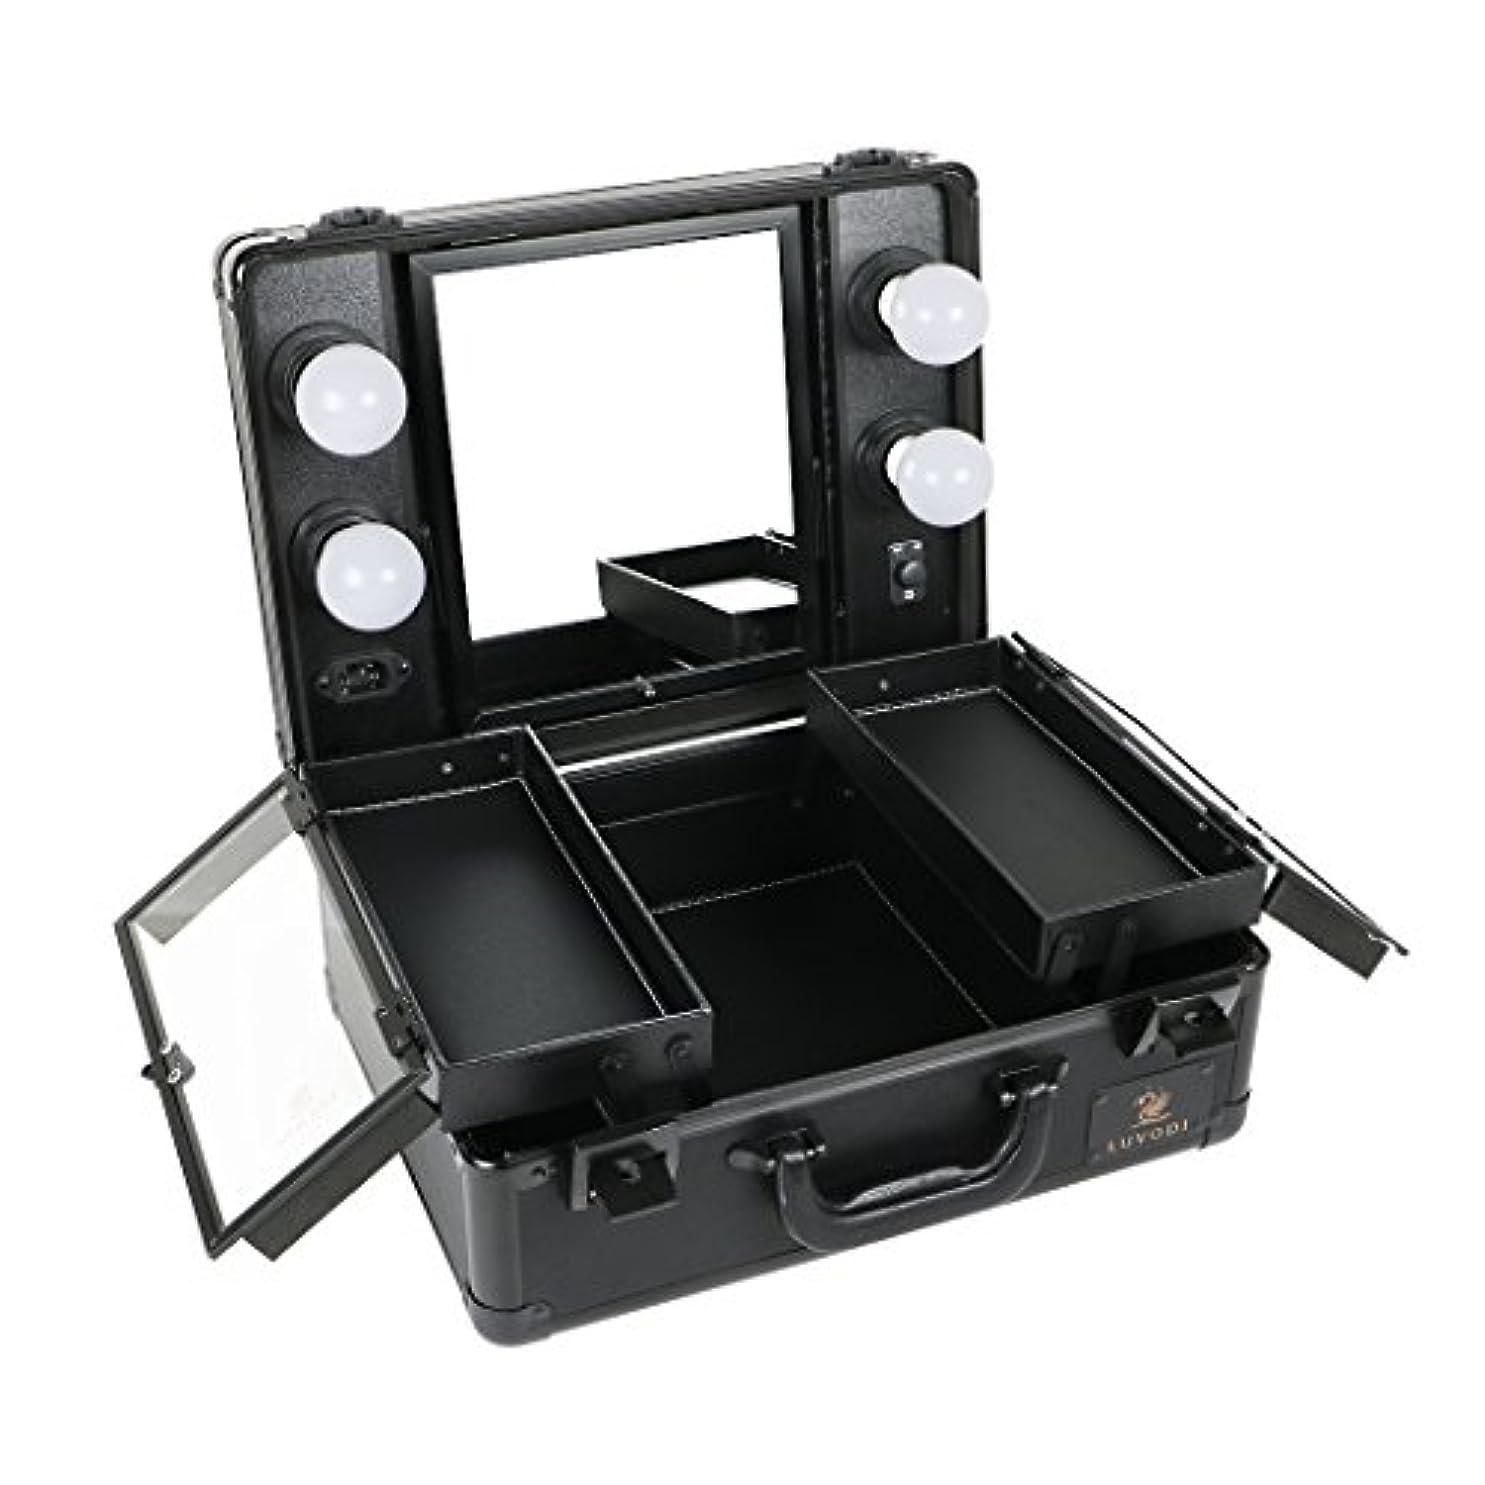 生まれ加害者ビヨンLUVODI メイクボックス 鏡付き プロ用 コスメ収納ケース 大容量 ハリウッドミラー LEDライト 調光機能付き 卓上 ミニドレッサー 持ち運び 鏡台 鍵付き おしゃれ(黒)